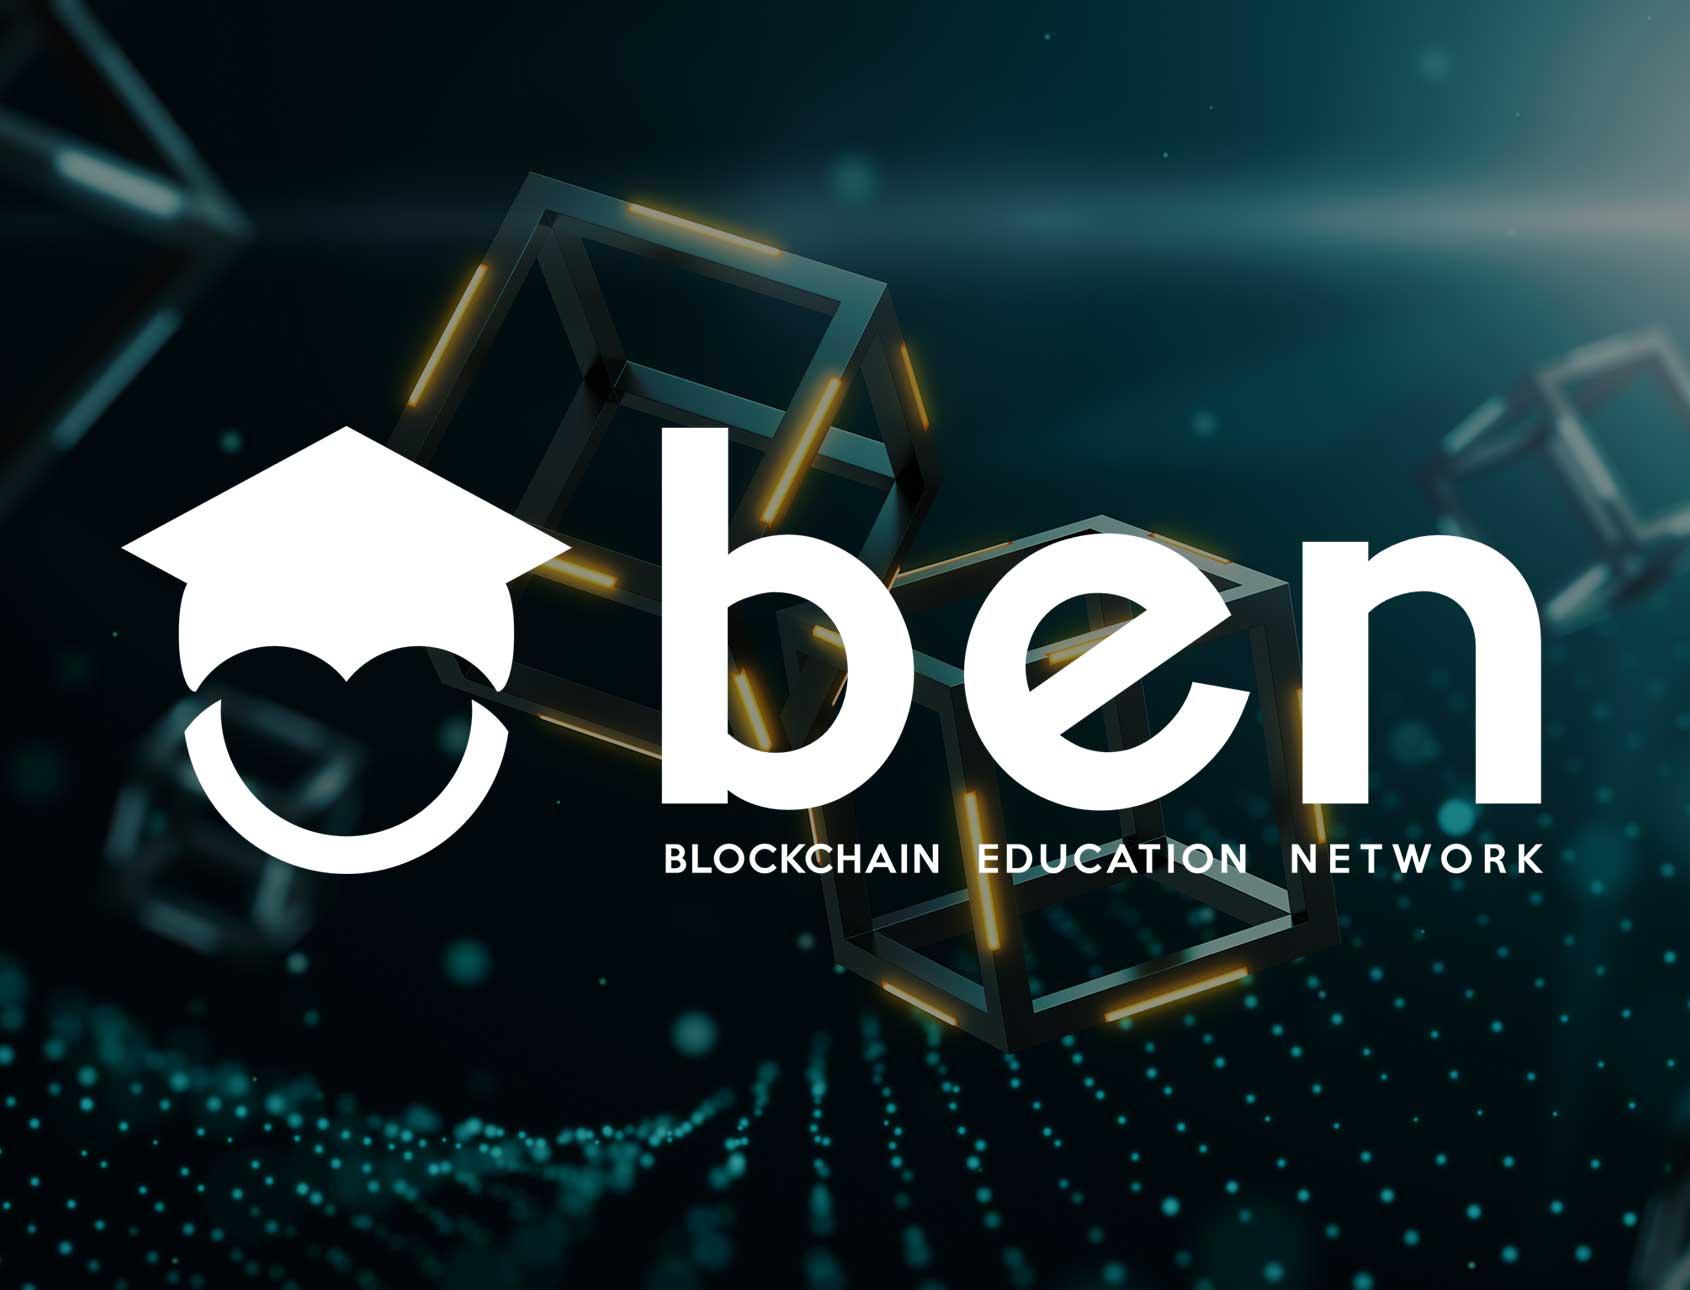 Che cos'è il Blockchain Education Network (BEN)? Intervista ad Emiliano Palermo